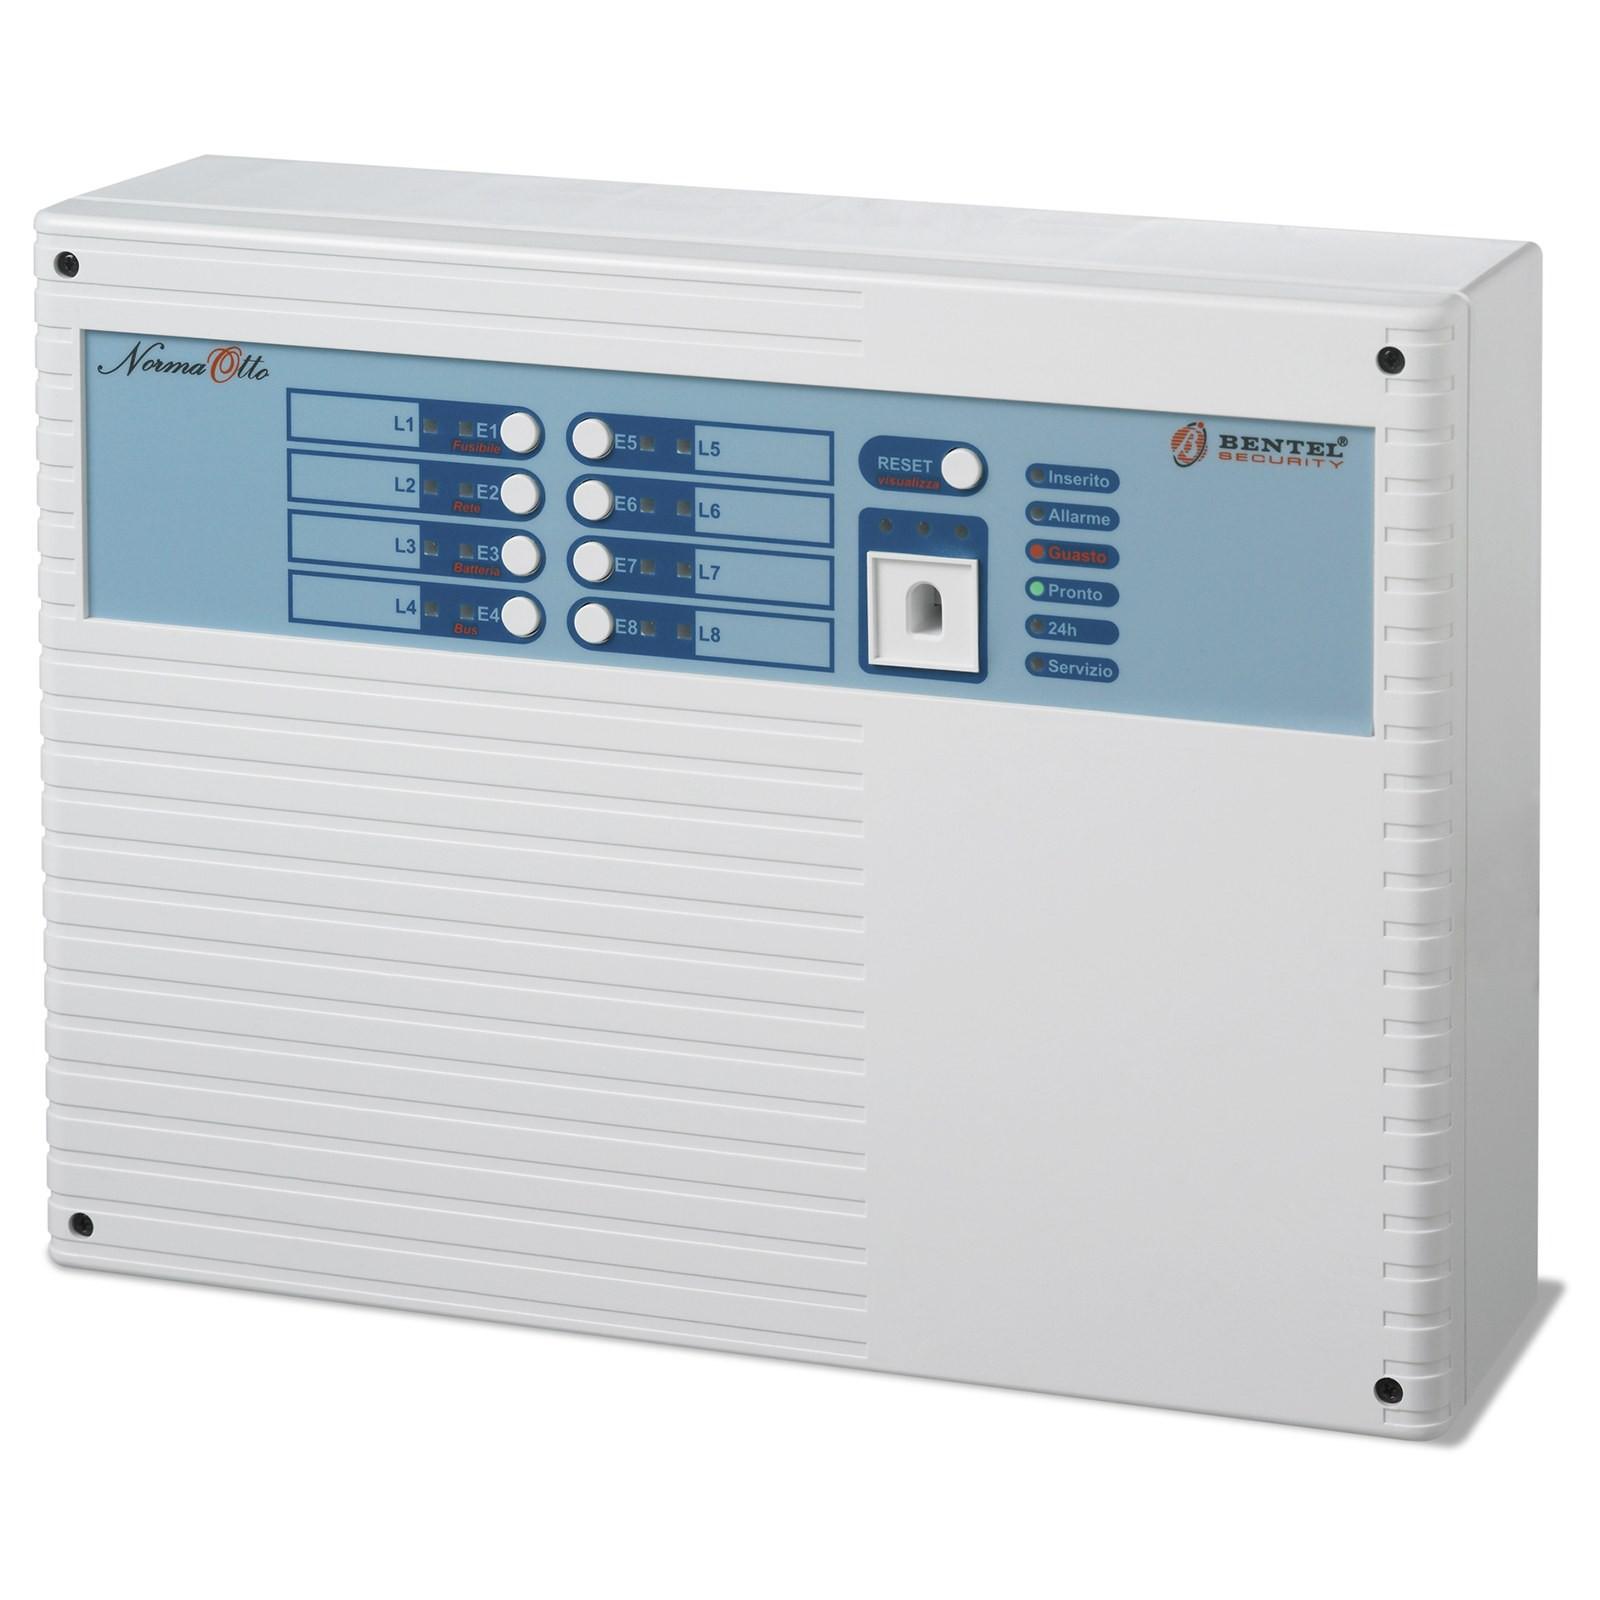 Kit allarme antifurto bentel centrale norma 8t 8 zone for Bentel norma 8